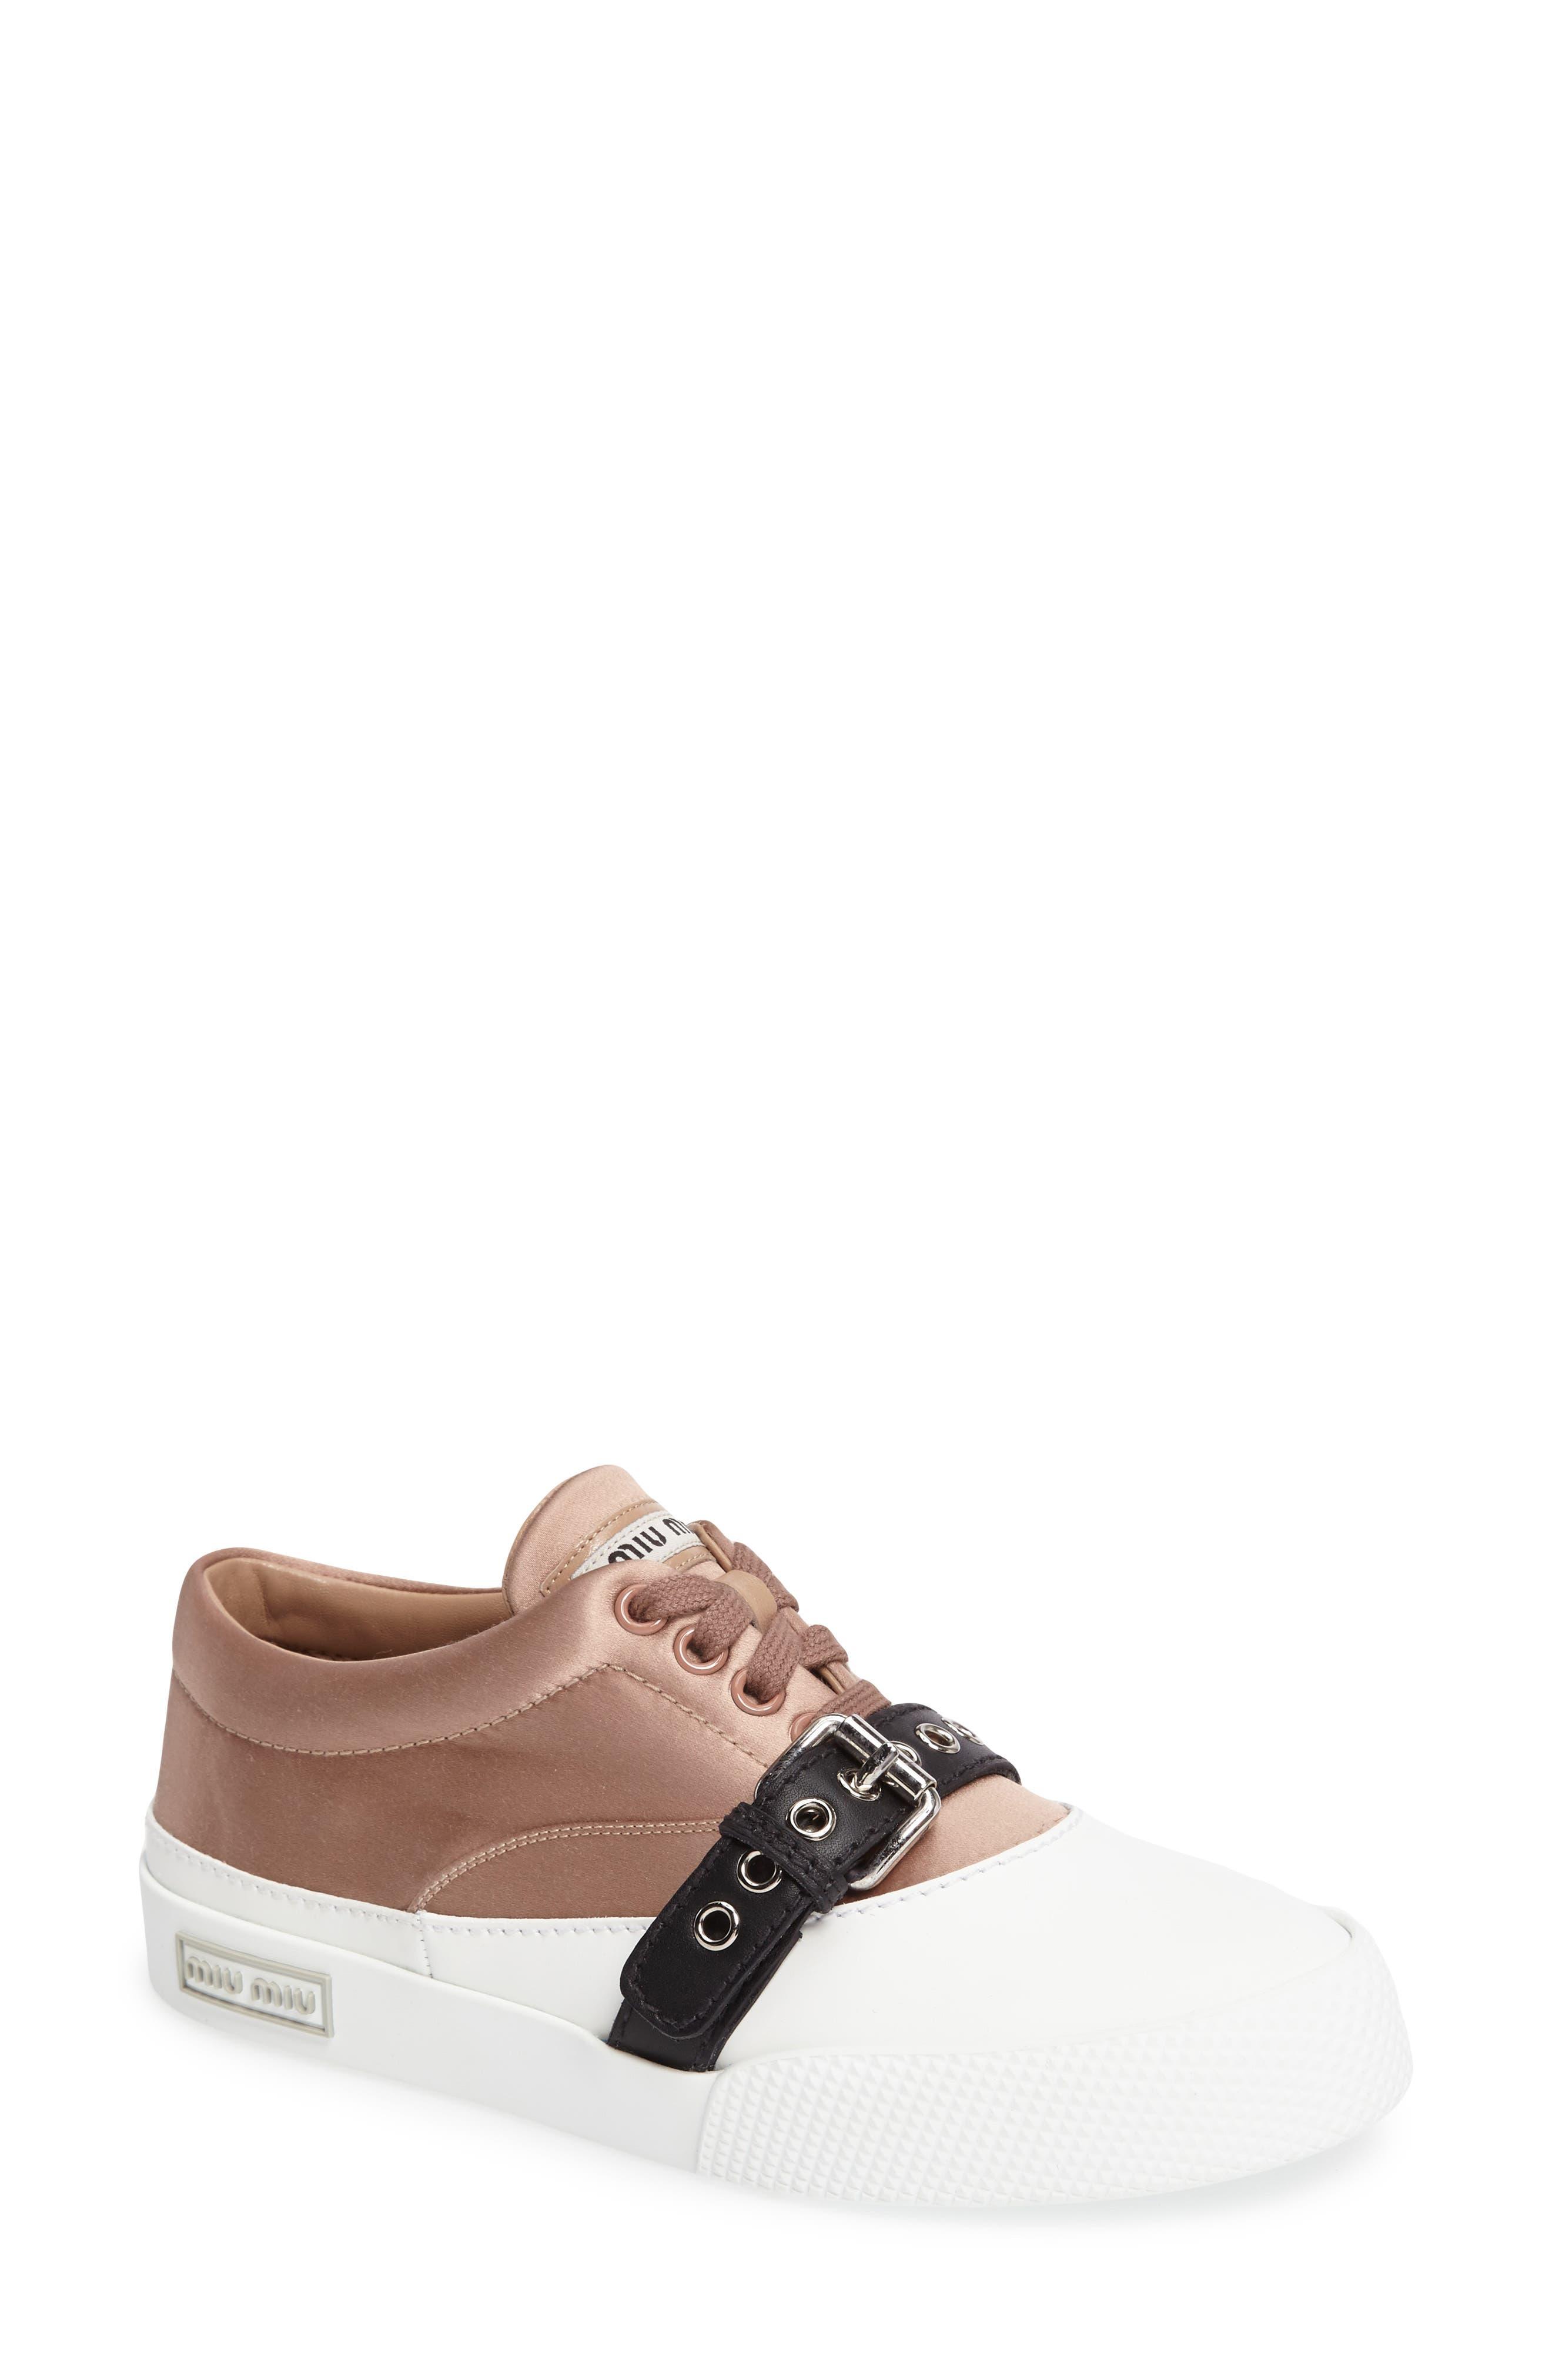 Miu Miu Belted Sneaker (Women)